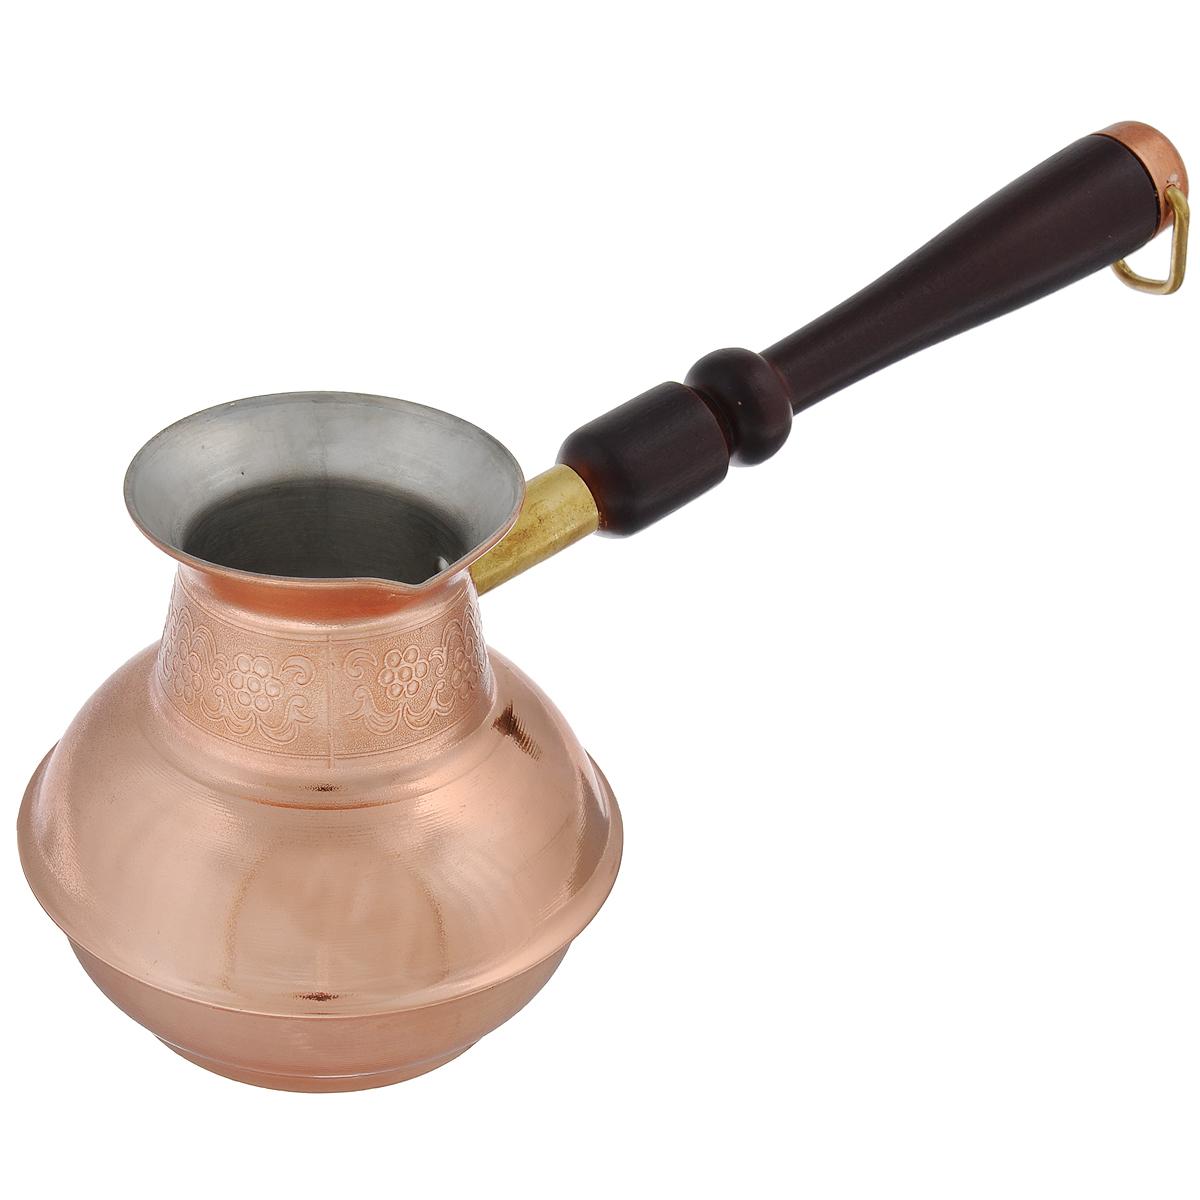 Кофеварка TimA Славяночка, со съемной ручкой, 500 млС-500спКофеварка TimA Славяночка прекрасно подходит для приготовления настоящего кофе на плите. Изготовлена из экологически чистой и высококачественной меди марки М1М. Внутренняя поверхность кофеварки покрыта двойным слоем пищевого олова, а внешняя - жаростойким прозрачным лаком. Это противодействует окислению (потемнению) и приятно радует глаз цветом настоящей меди. Кофеварка оснащена удобным носиком для слива жидкости и деревянной съемной ручкой (ручка прикручивается против часовой стрелки). Внешняя поверхность оформлена рельефным цветочным рисунком. Такая кофеварка органично впишется в интерьер вашей кухни, а благодаря эксклюзивному дизайну станет замечательным подарком к любому случаю. Подходит для газовых, электрических, стеклокерамических плит. Не подходит для индукционных плит. Не рекомендуется мыть в посудомоечной машине. Диаметр (по верхнему краю): 6,5 см. Высота стенки: 10,5 см. Длина ручки: 16,5 см.